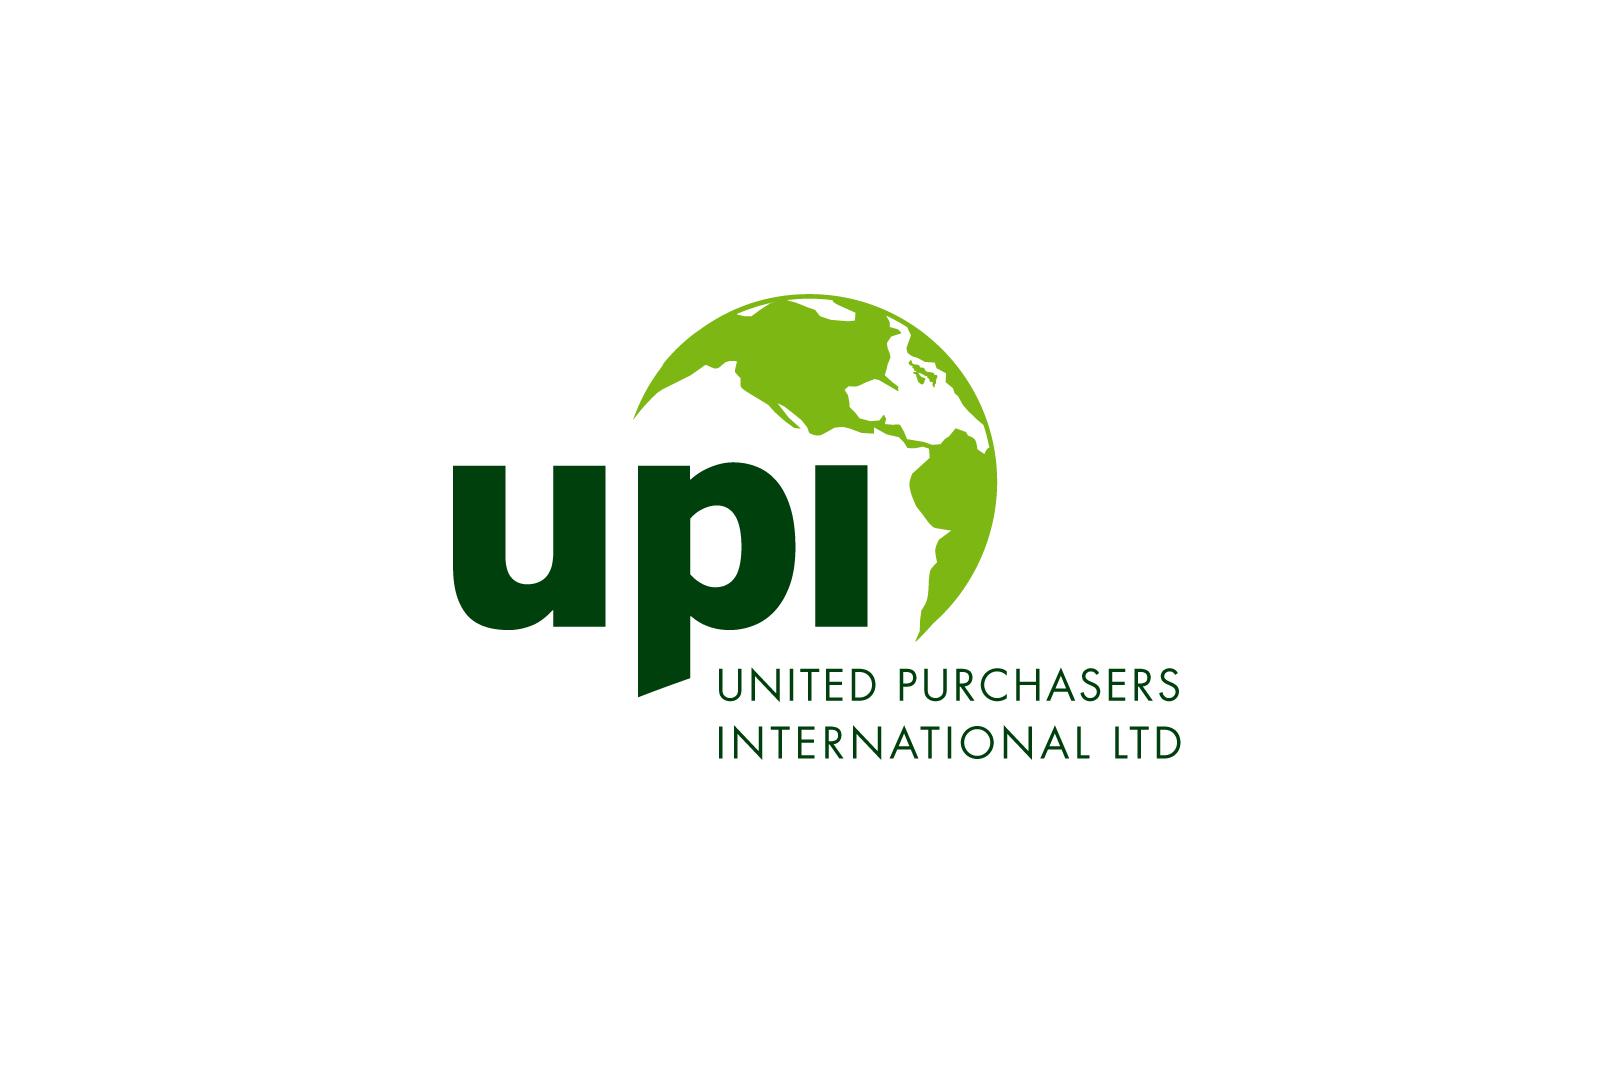 upi_01.png